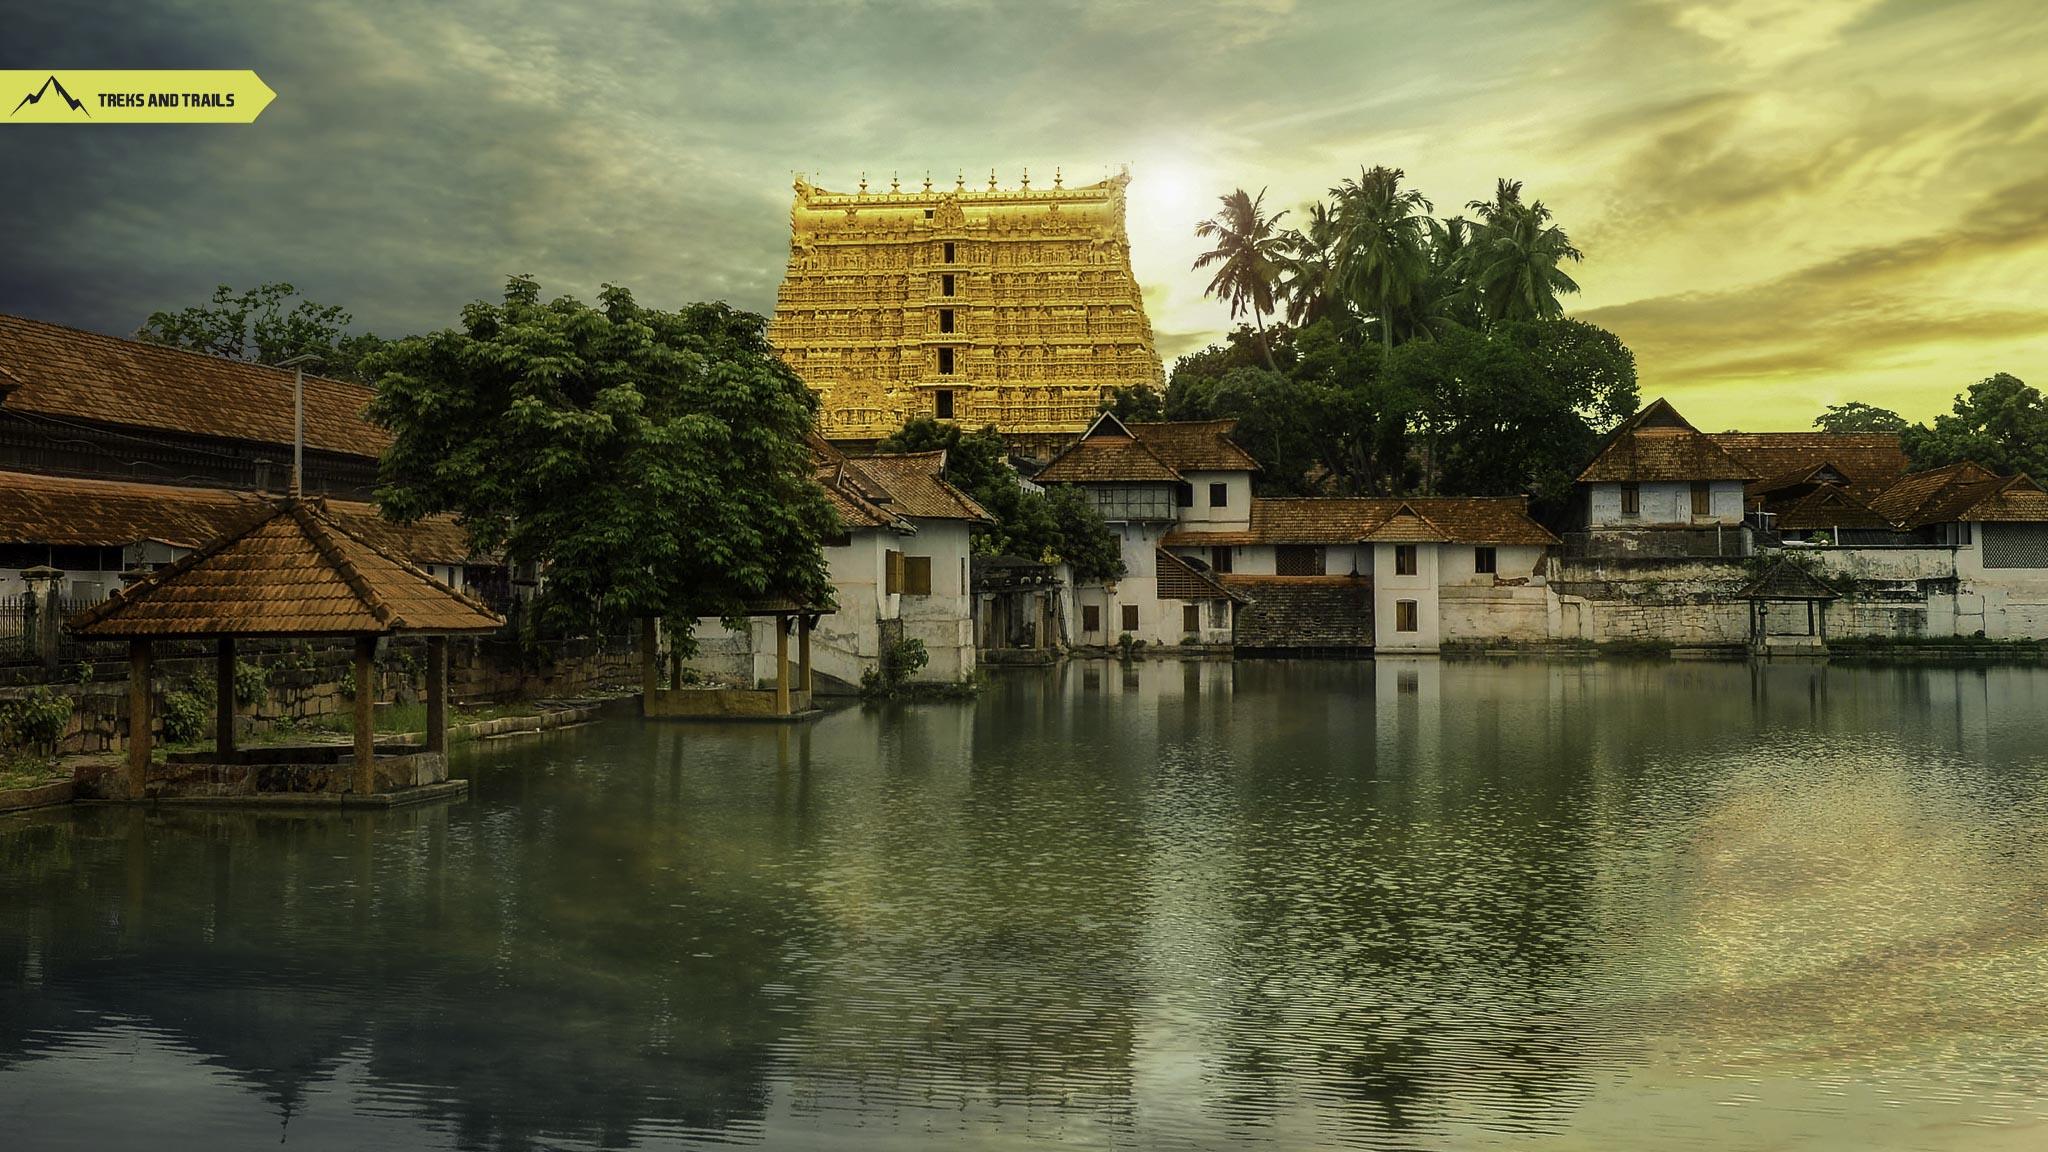 Sri Padmanabhaswamy temple in Trivandrum Kerala